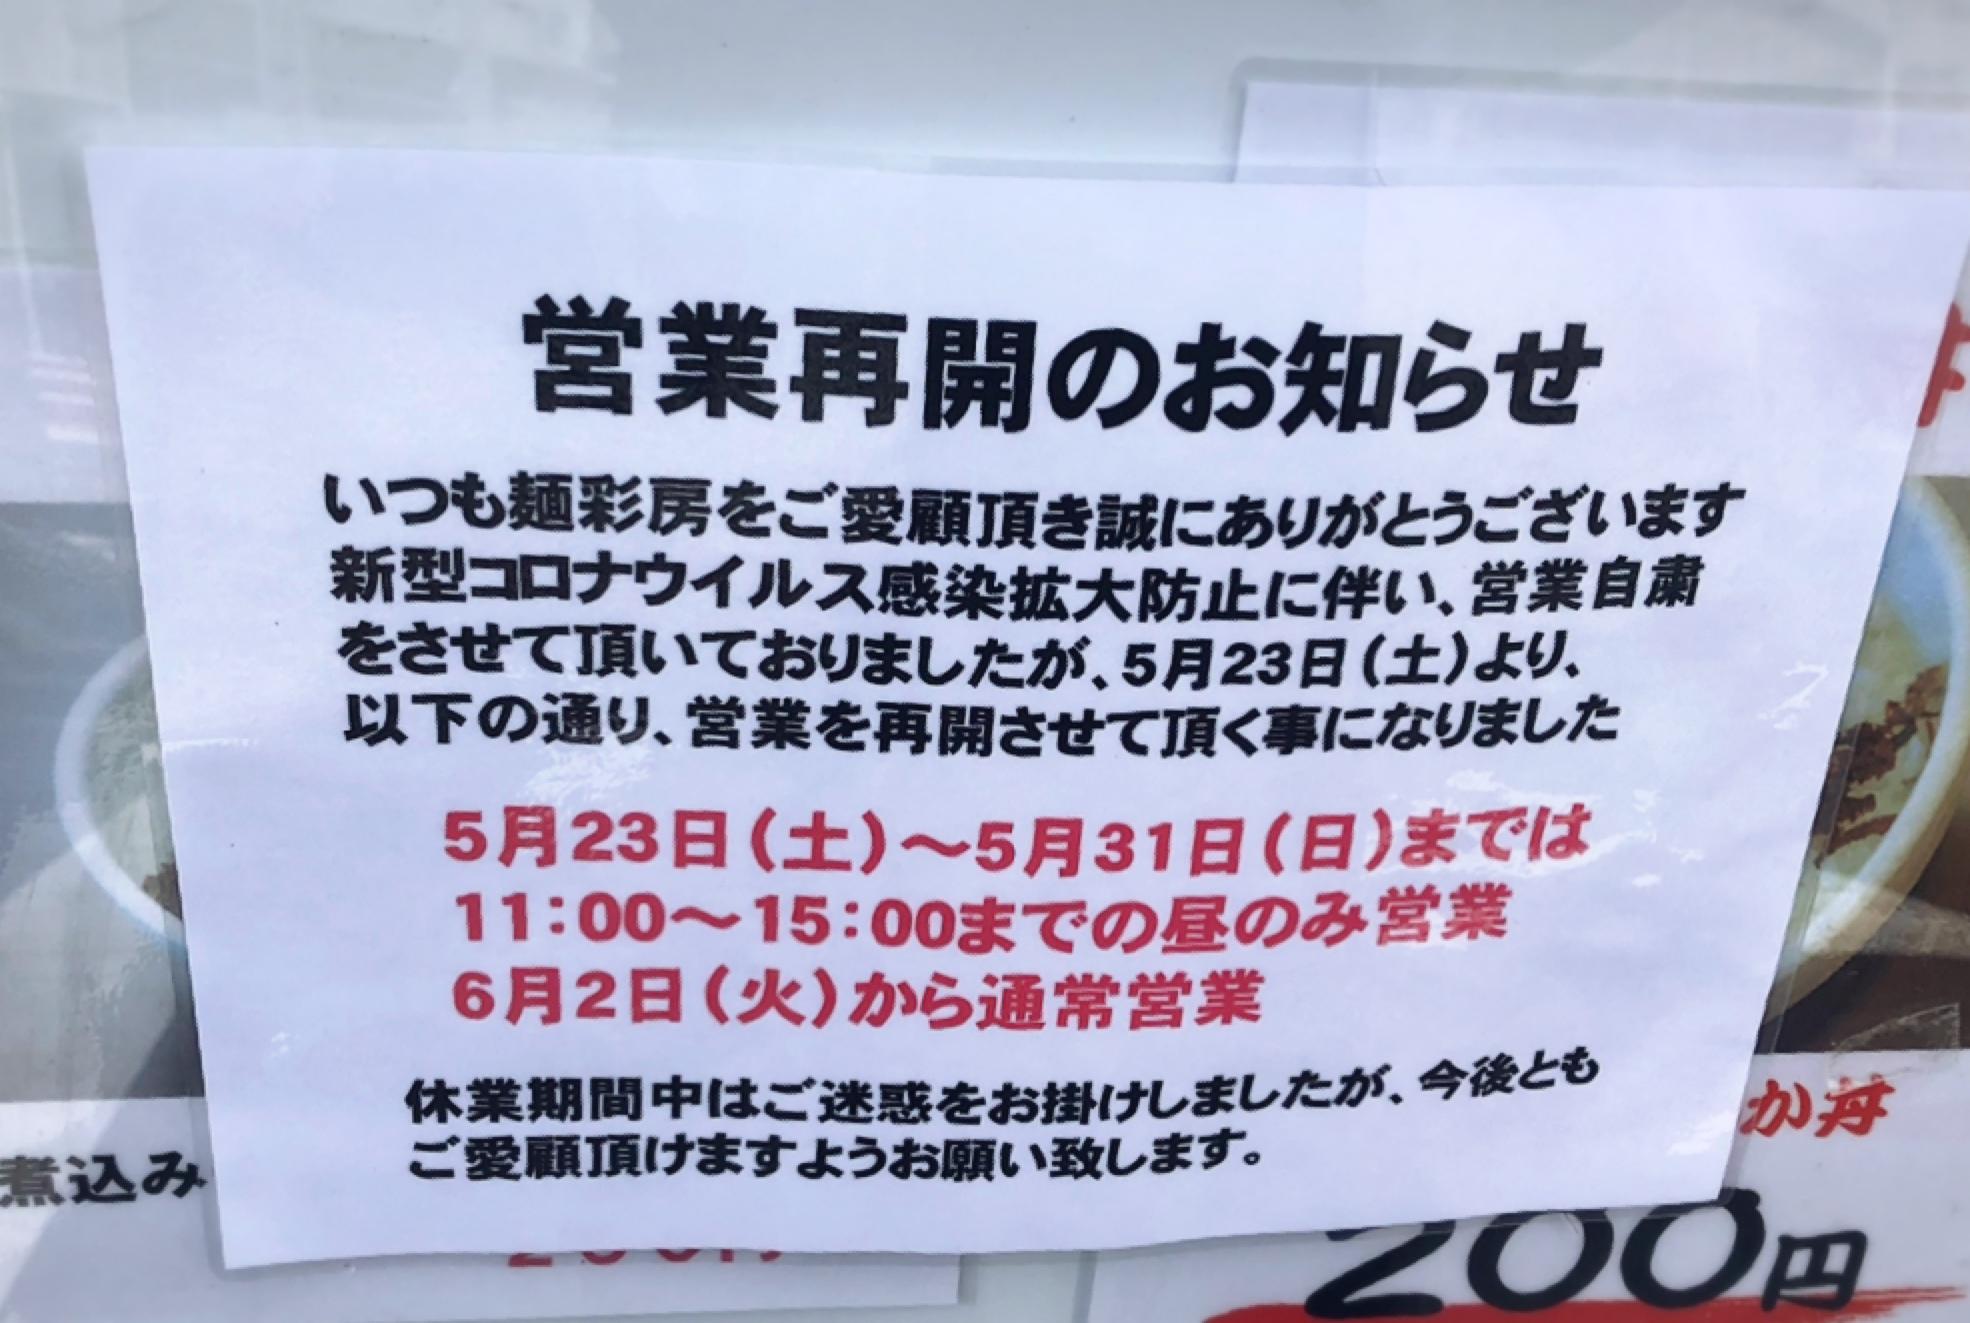 麺彩房中野本店 6月2日より11時-15時、17時半-20時店内営業再開。テイクアウトもご利用ください。